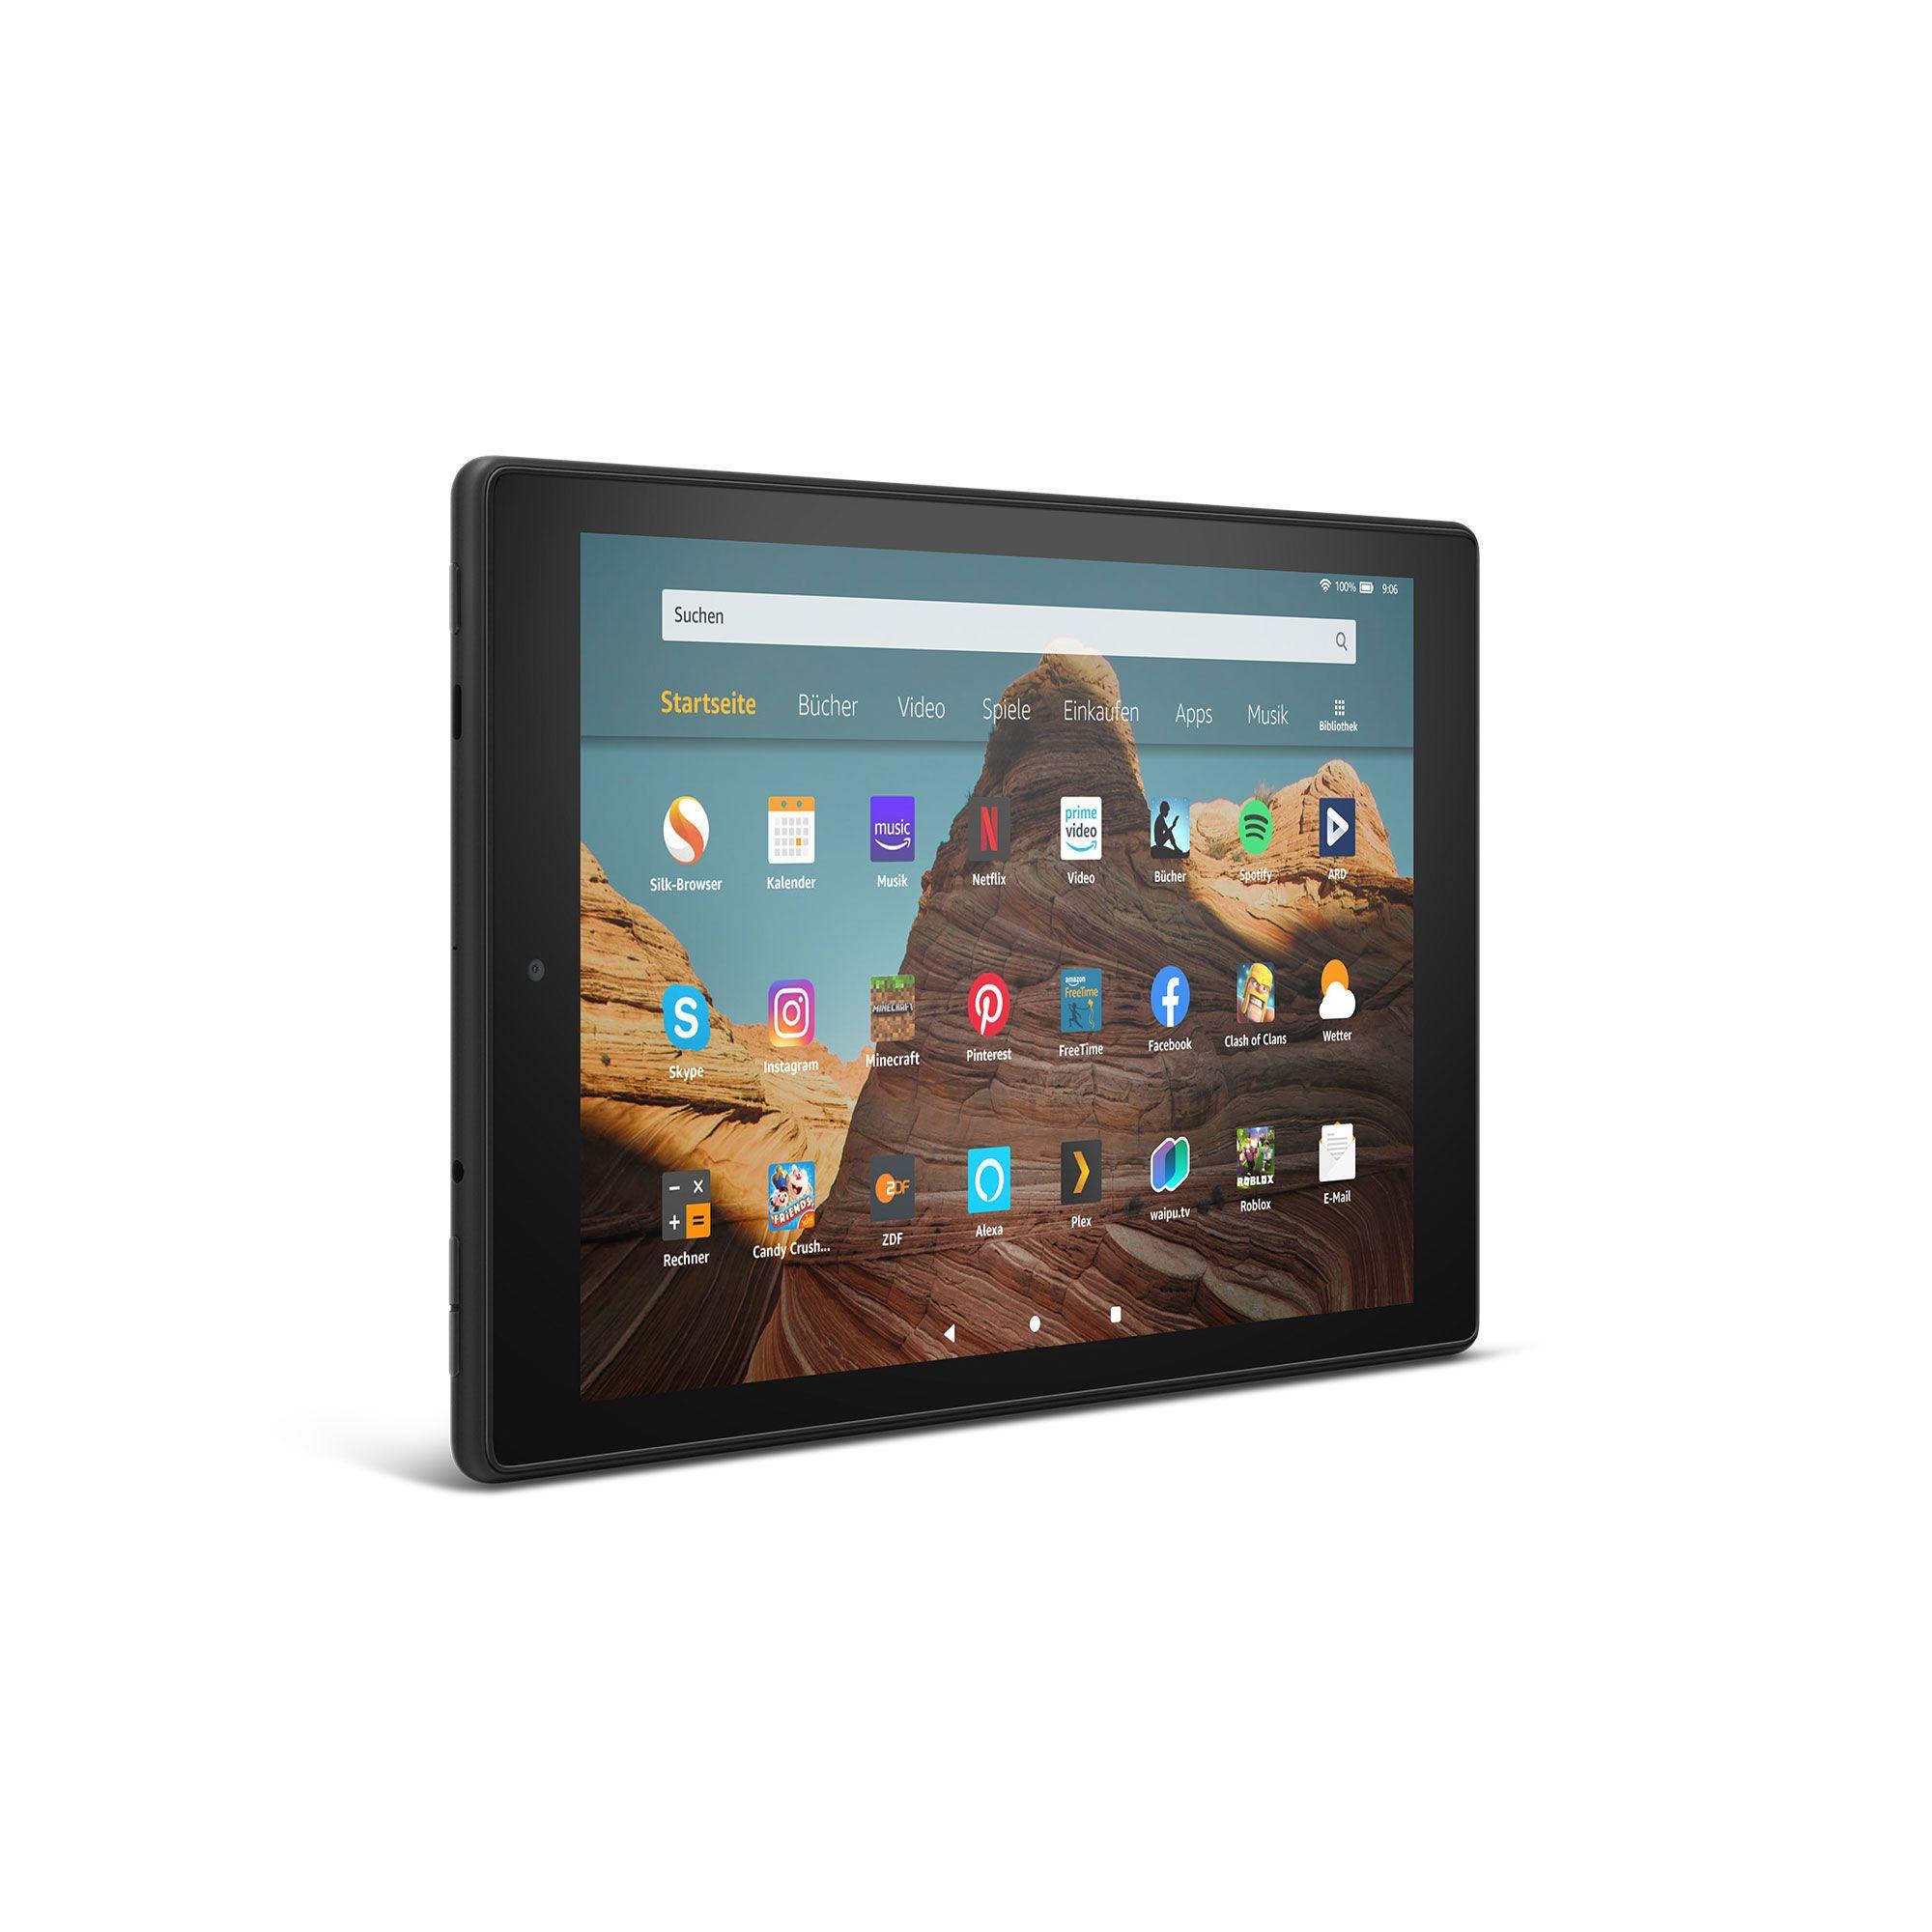 Das neue Amazon Fire HD 10 32 GB + 32 GB Micro SD